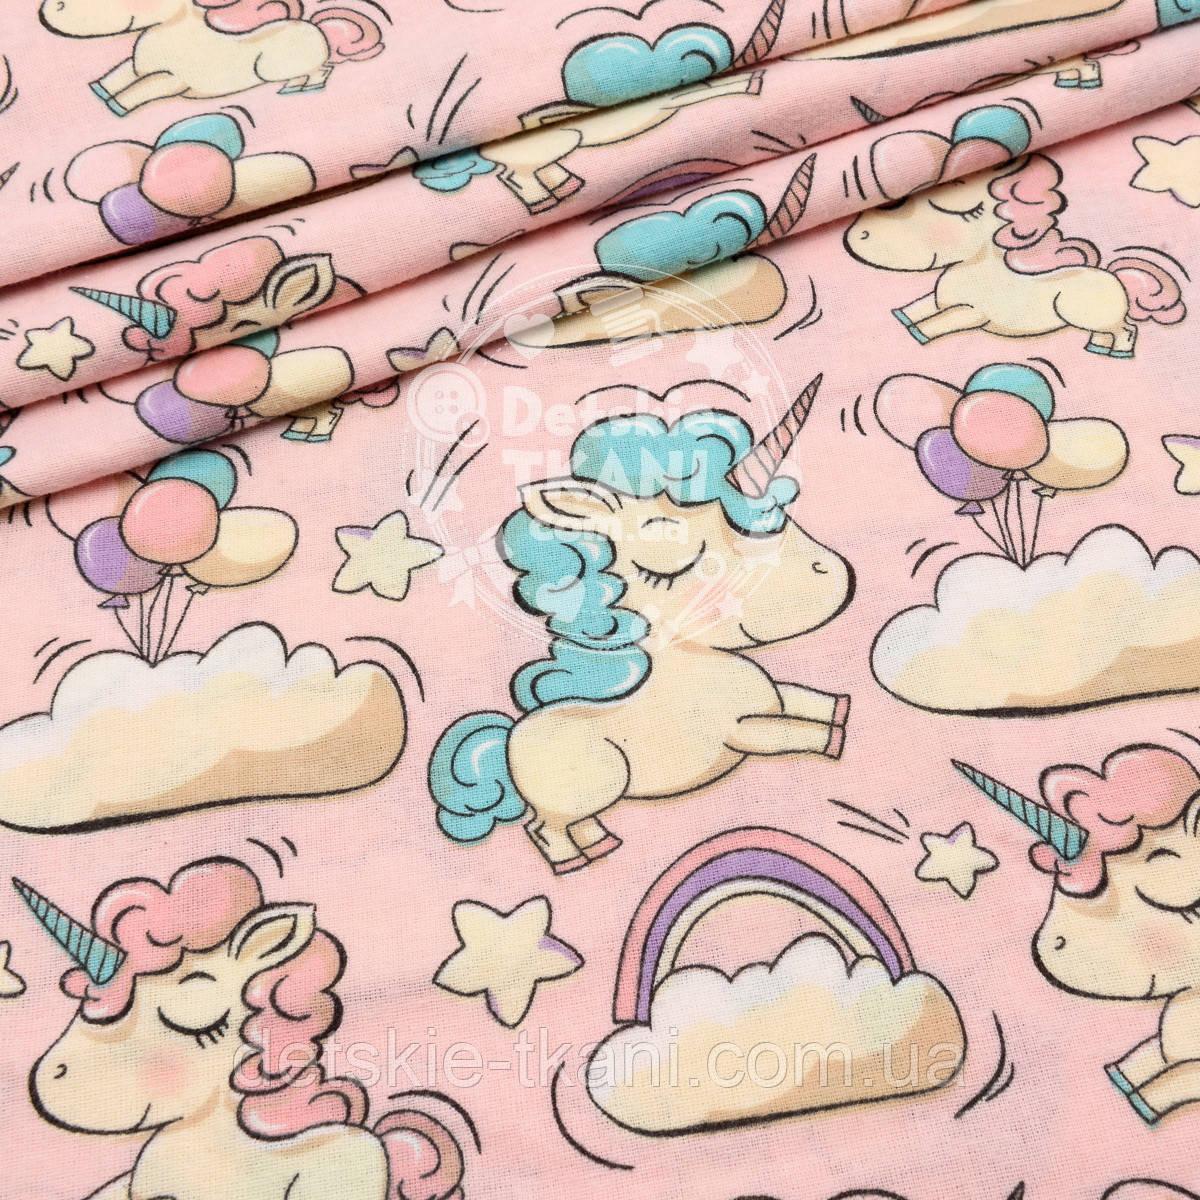 """Отрез фланели """"Единороги с радугой"""" на розовом, размер 25*160 см"""